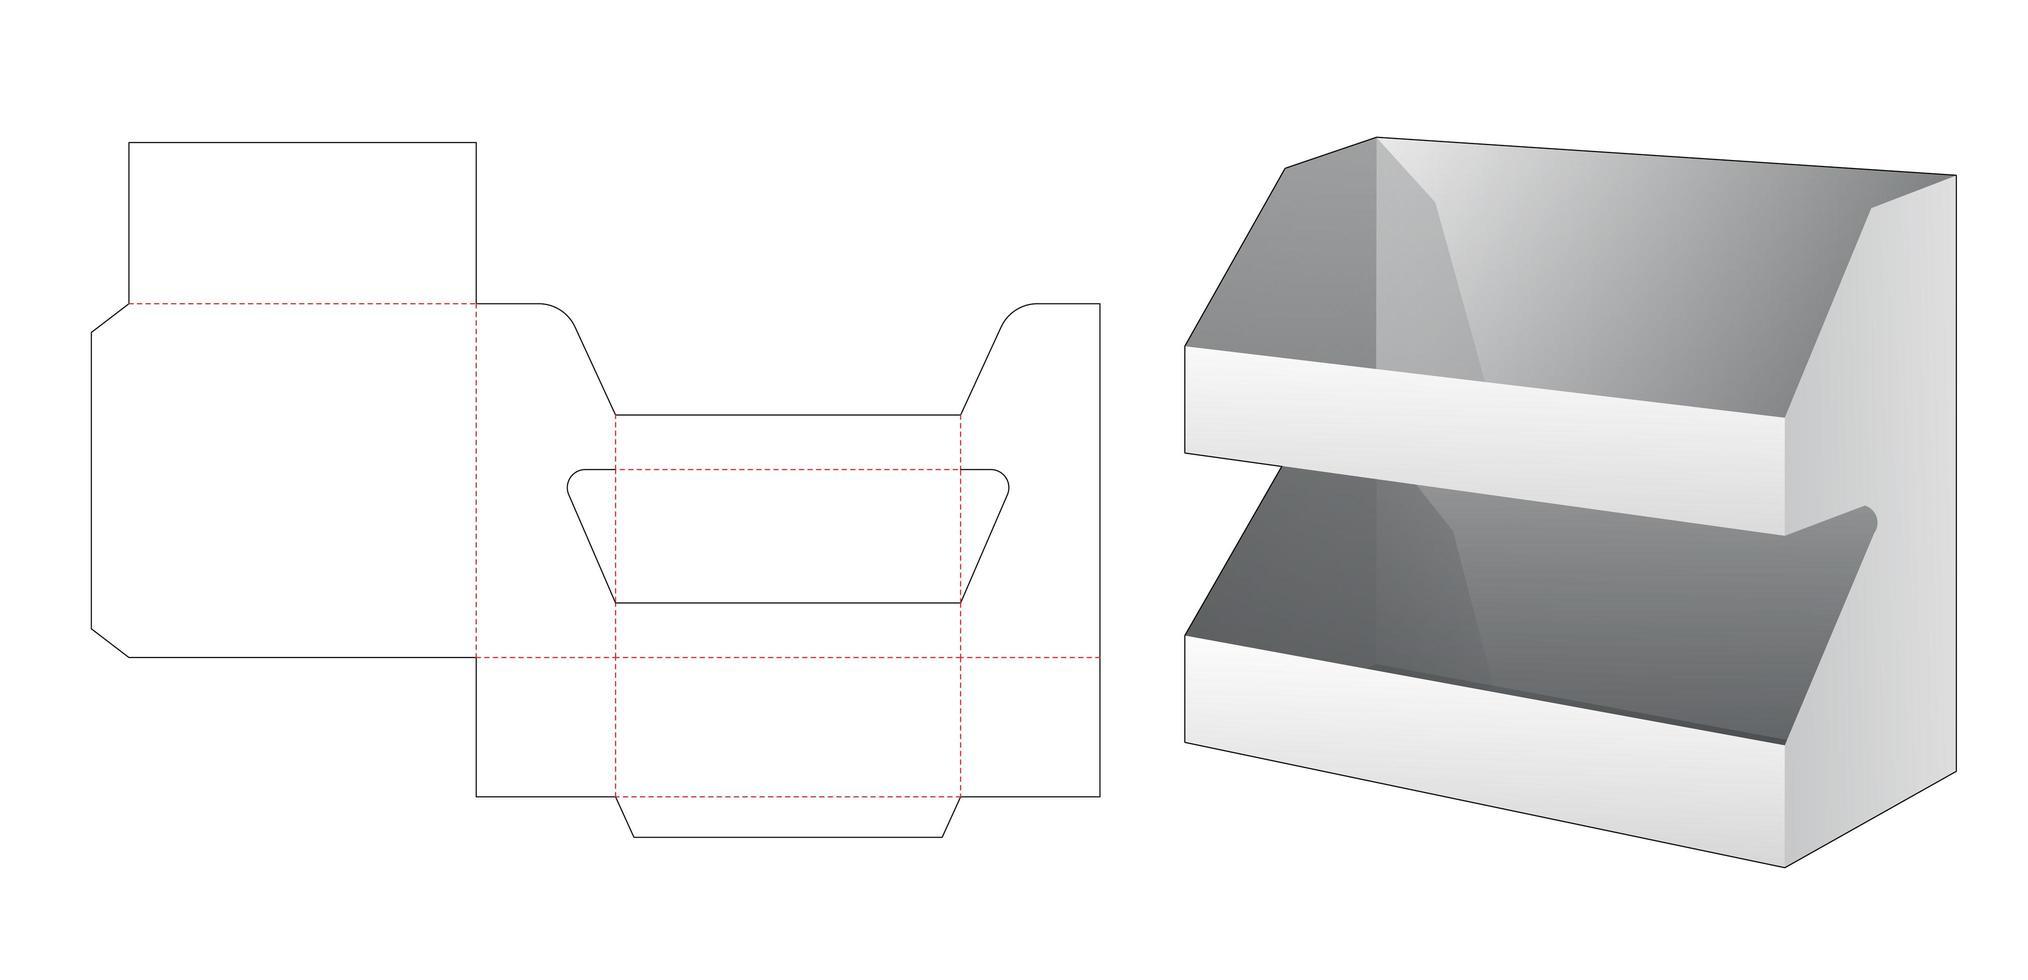 Affichage du produit 2 couches vecteur